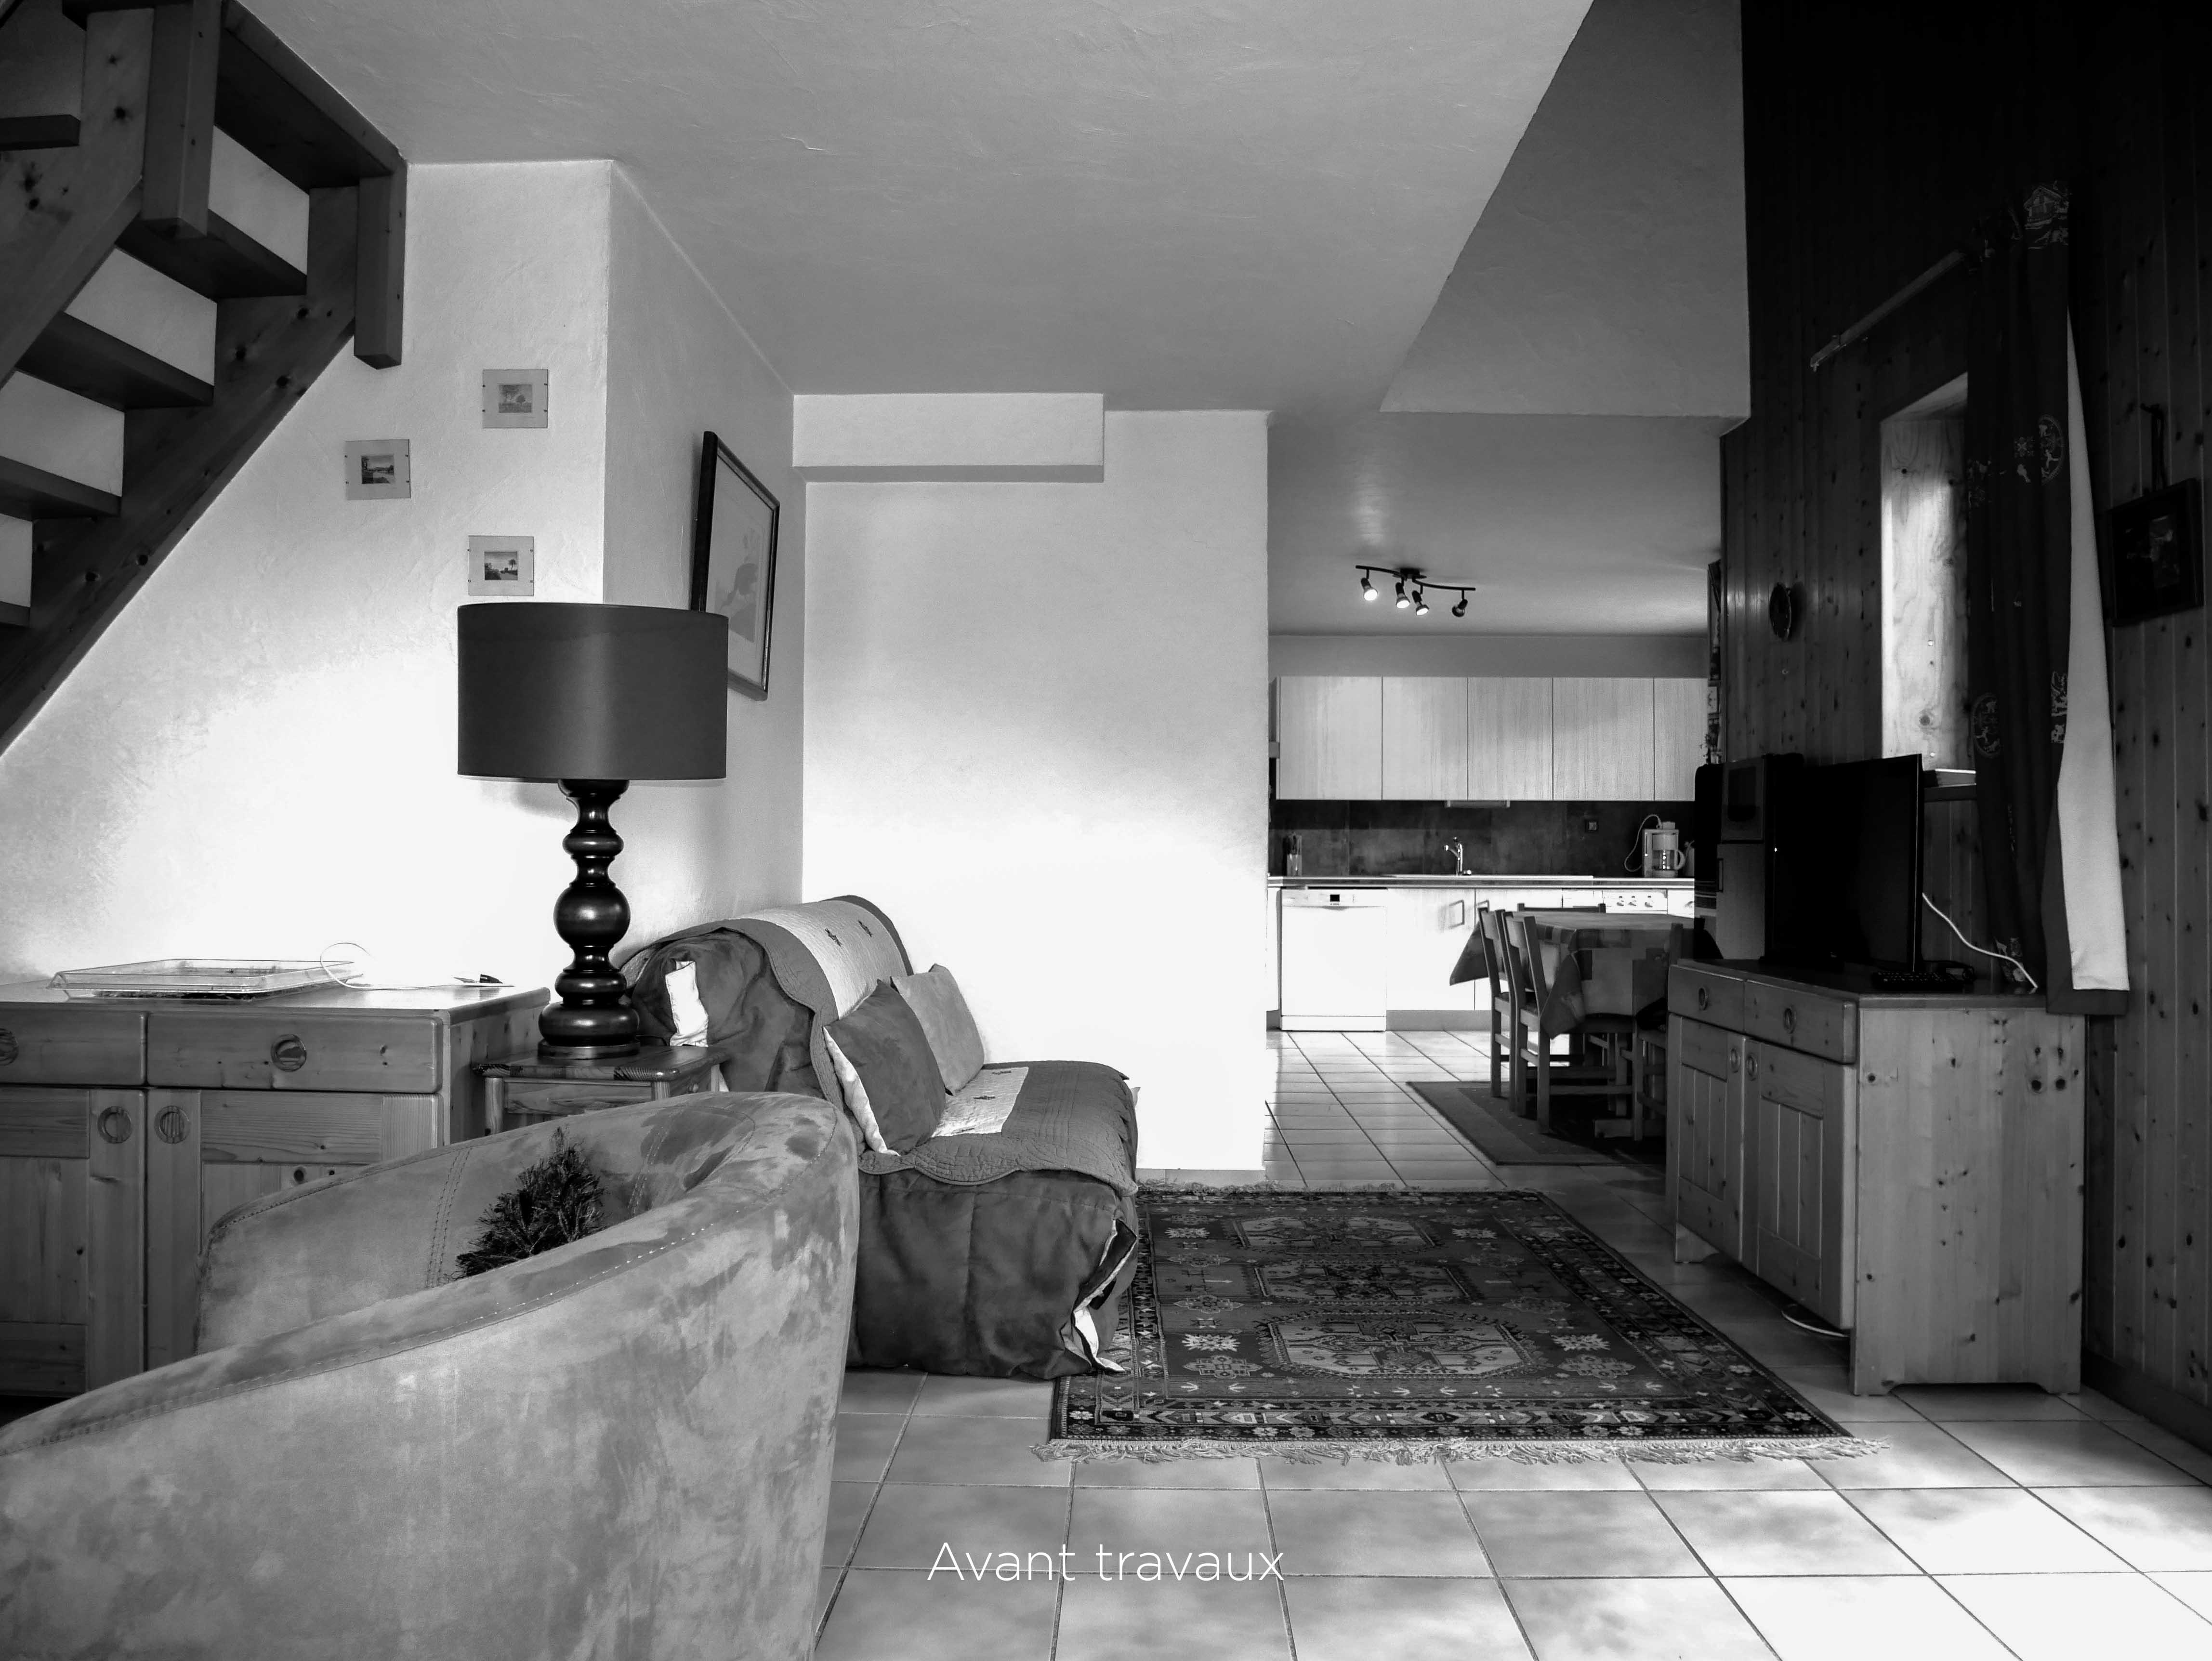 avant-après-travaux-rénovation-appartement-aménagement-interieur-montagne-alpes-courchevel-3